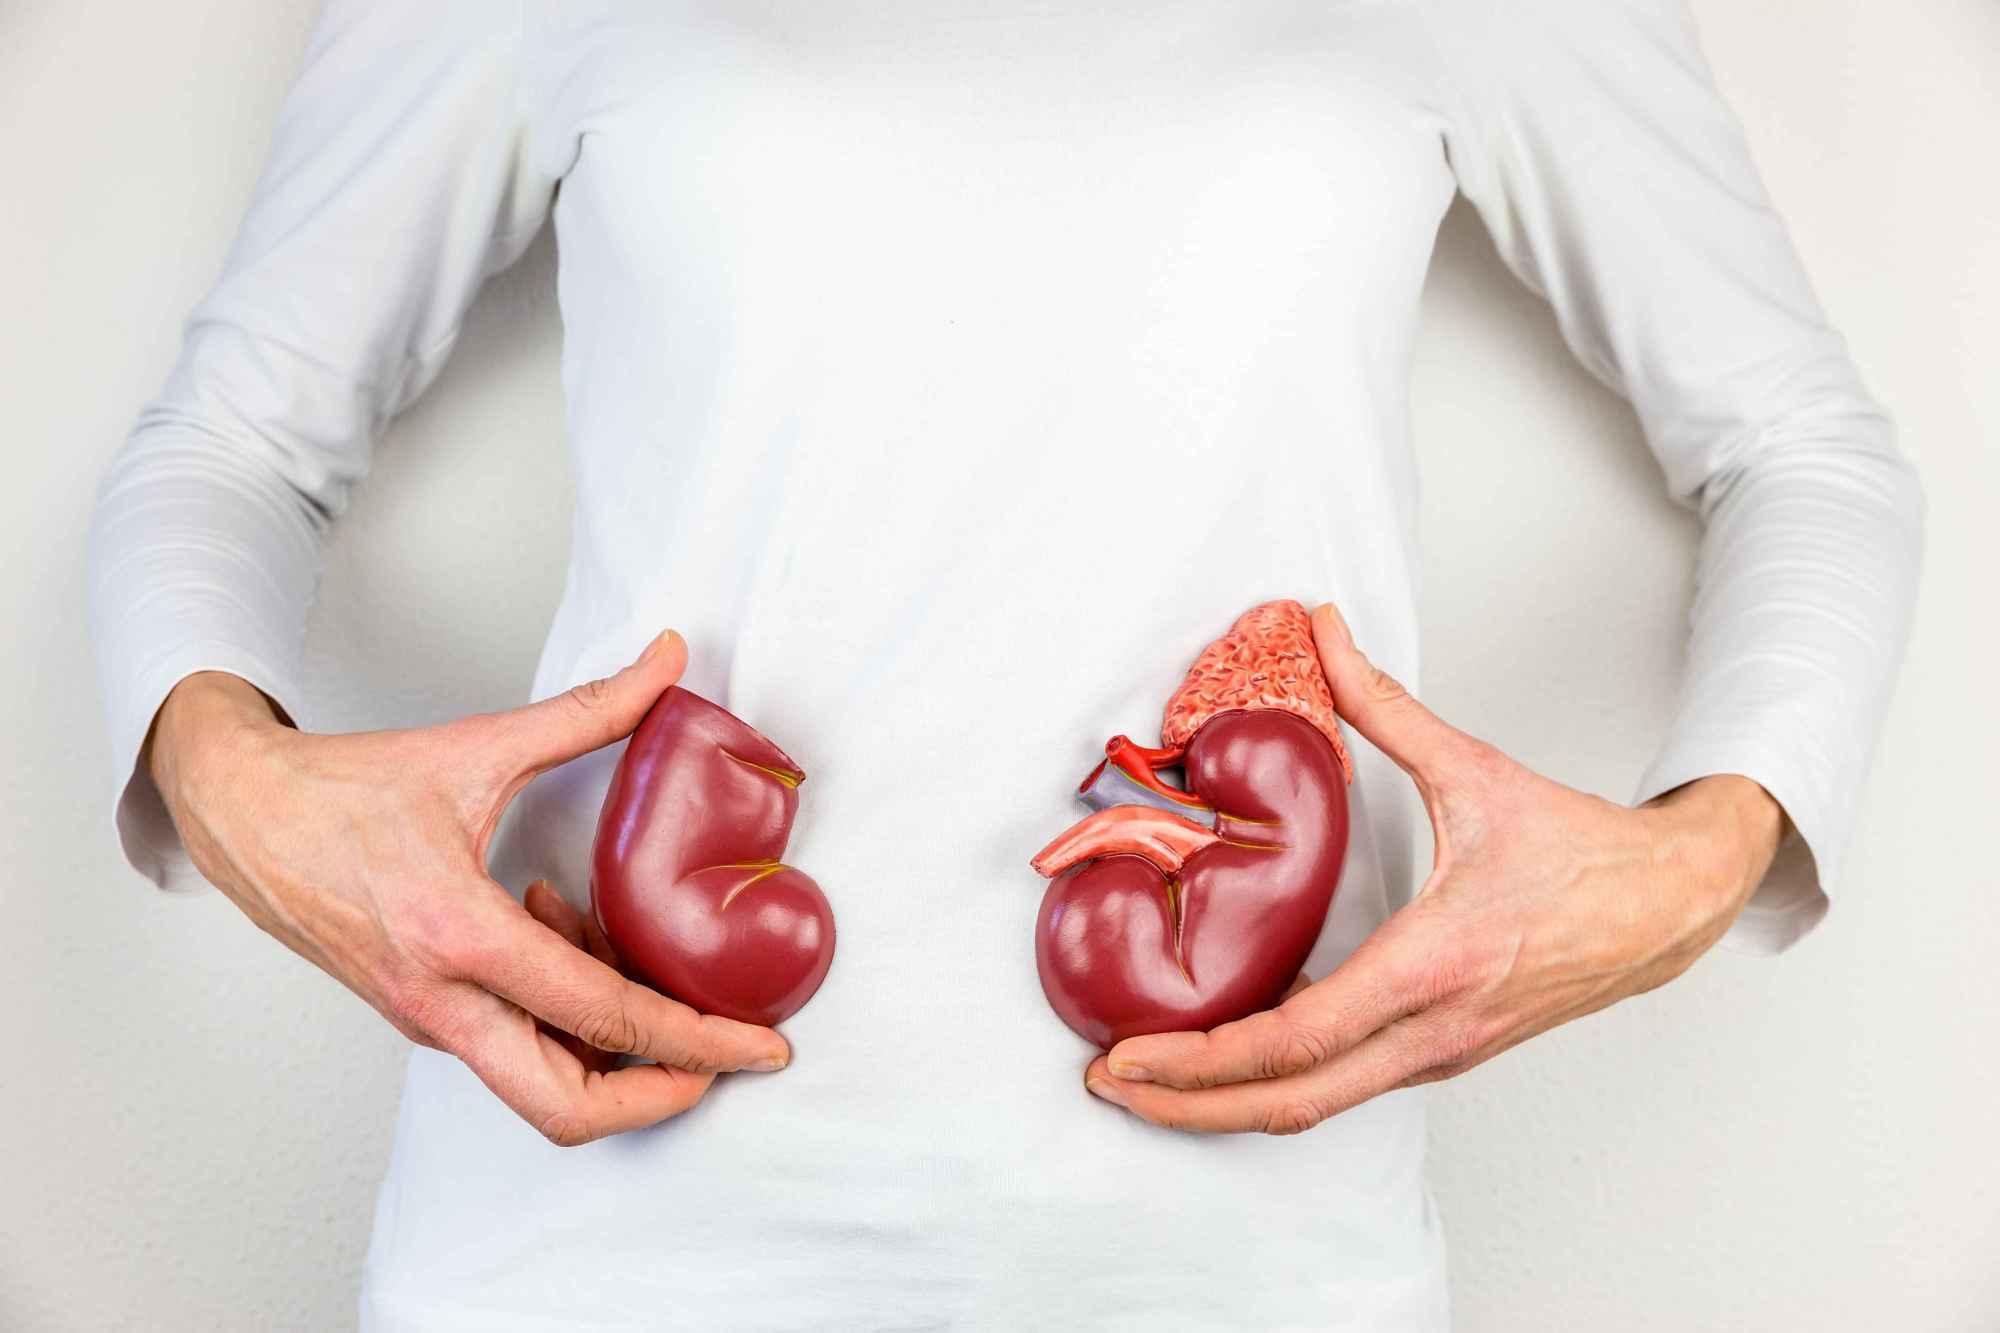 女人也会肾虚?提醒:如果有3种症状,要注意肾脏是否出问题了